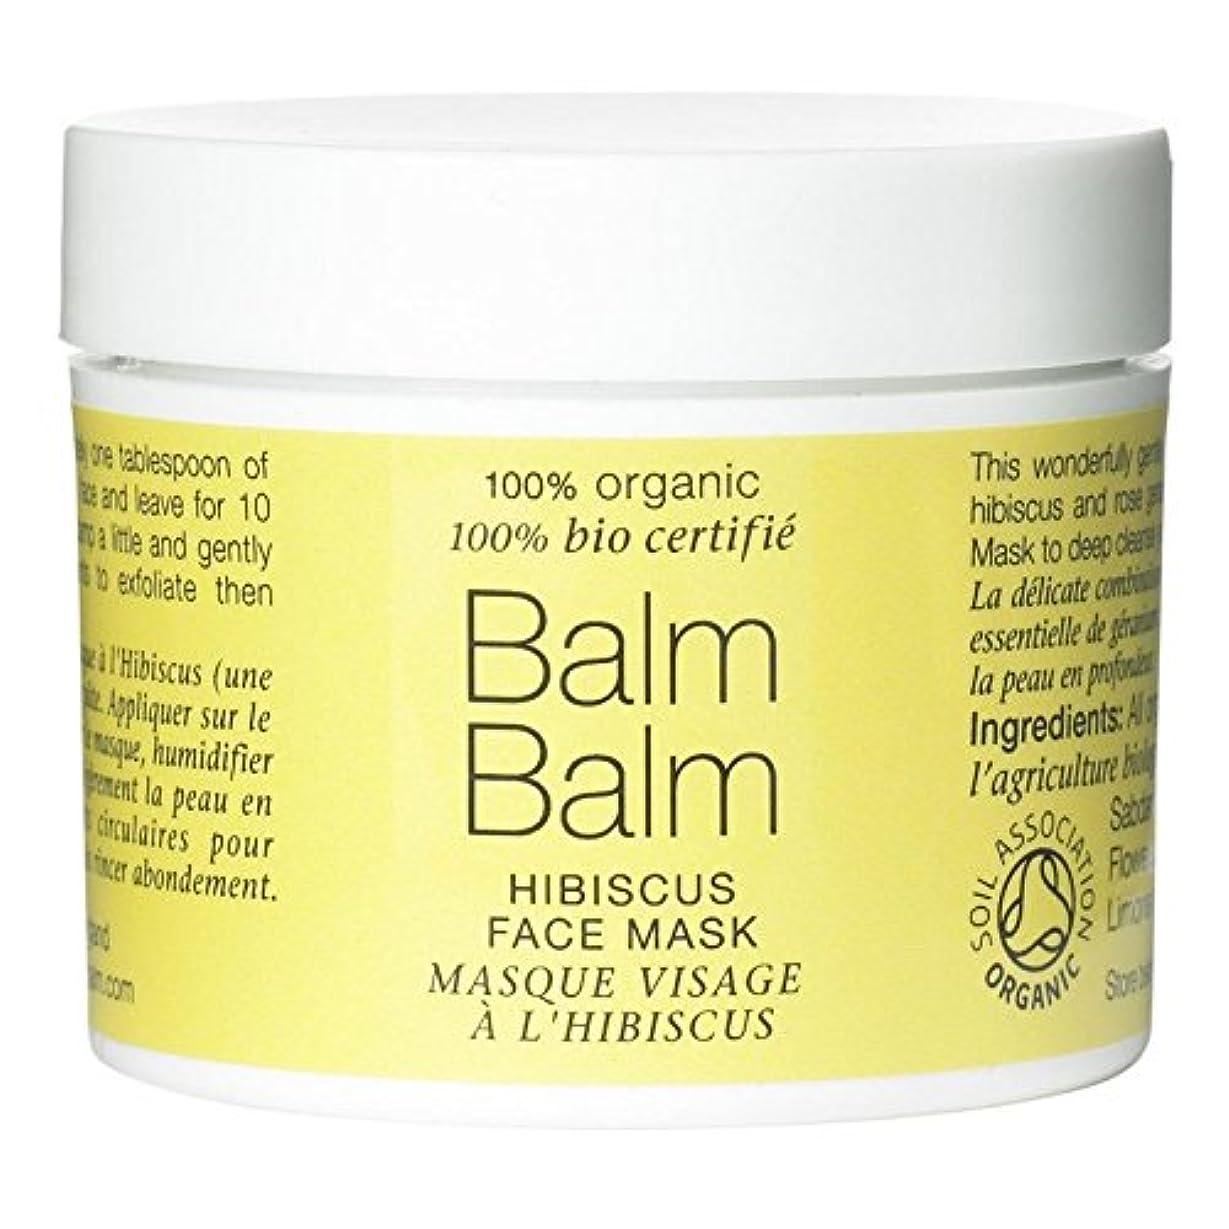 矢カビ真似るBalm Balm Organic Hibiscus Face Mask 100g - バームバームオーガニックハイビスカスフェイスマスク100グラム [並行輸入品]